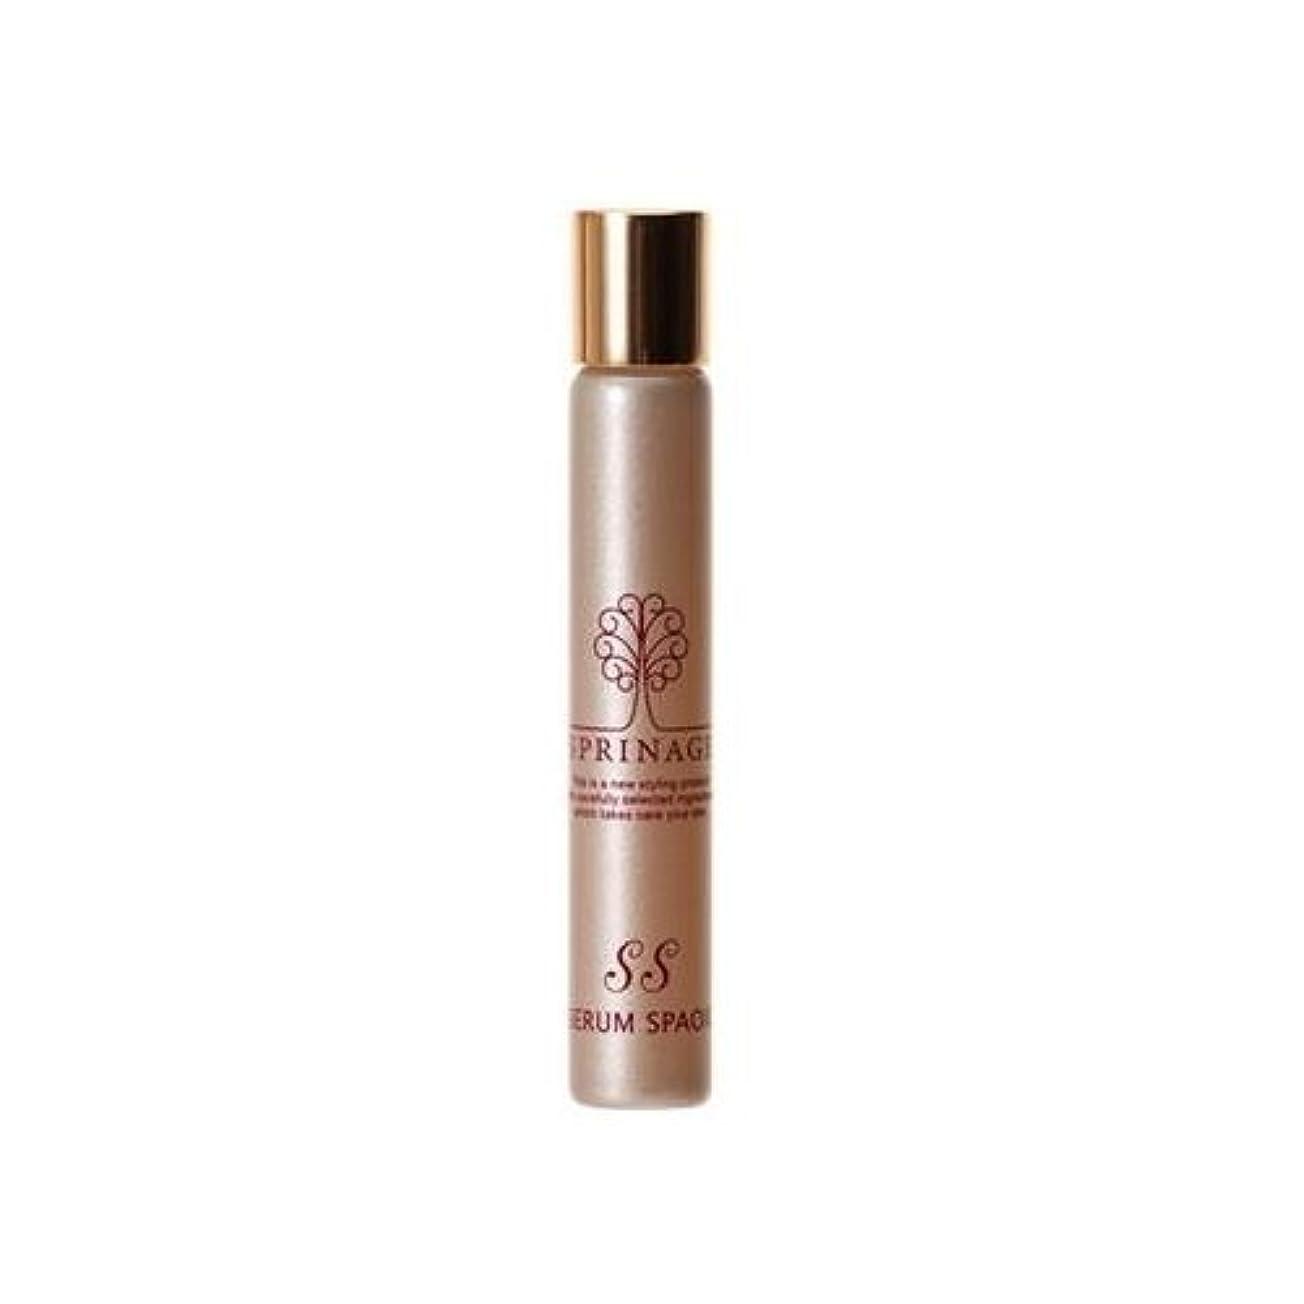 ピニオンスリムプランターアリミノ スプリナージュ セラムスパオイル9ml(天然アロマ ローズゼラニウムの香り)